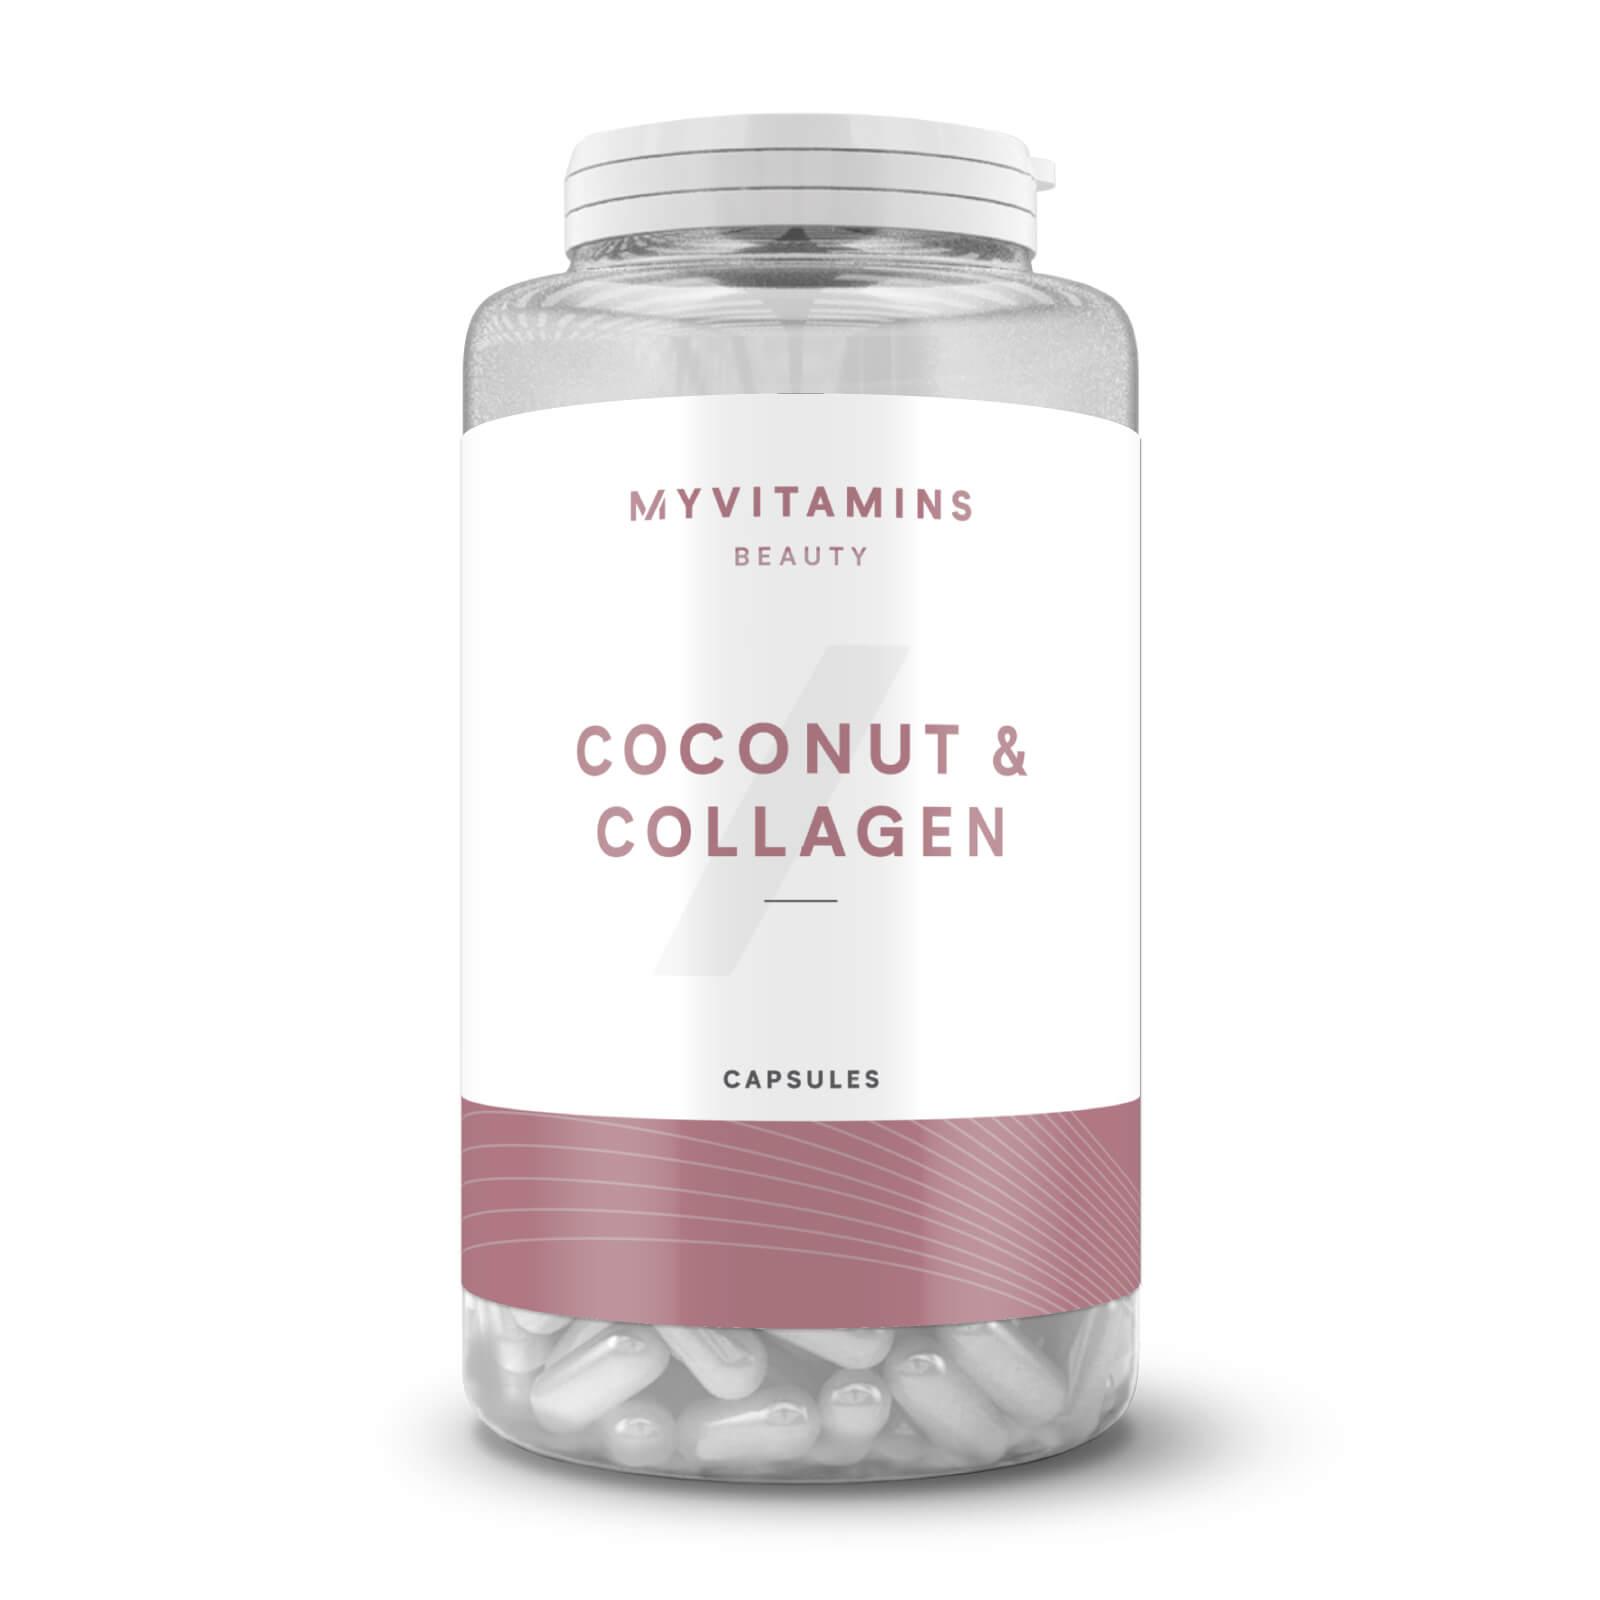 Coconut & Collagen Capsules - 60Capsules